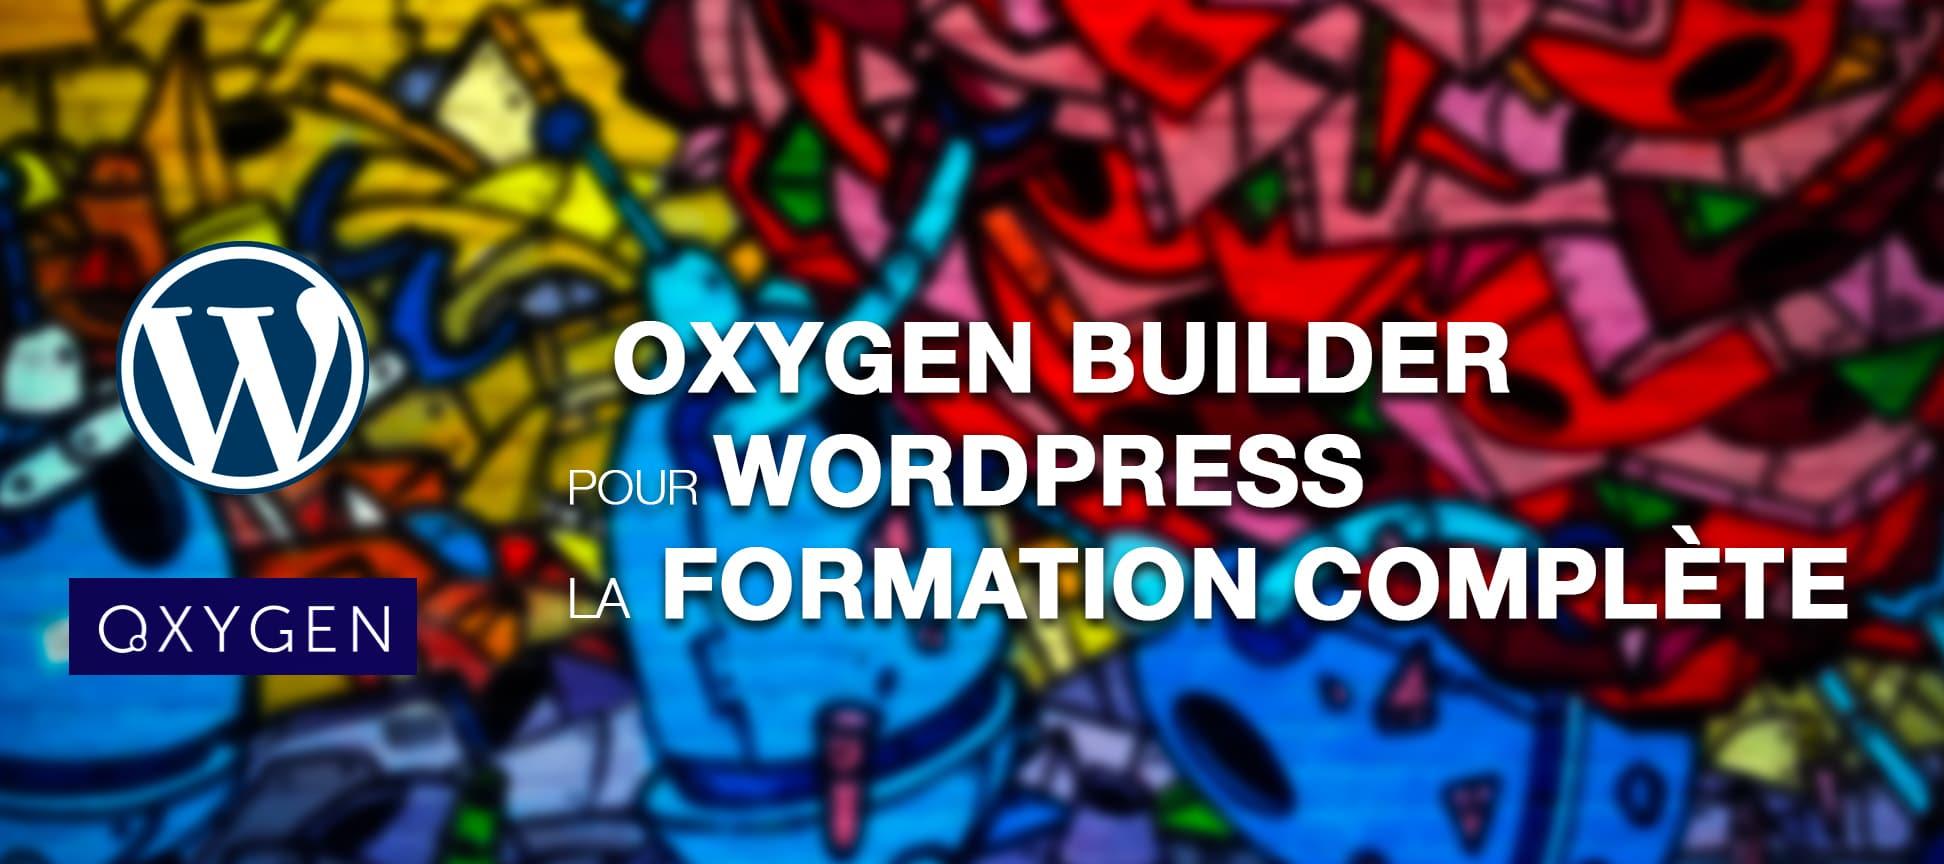 Oxygen Builder 2 pour Wordpress : La formation complète